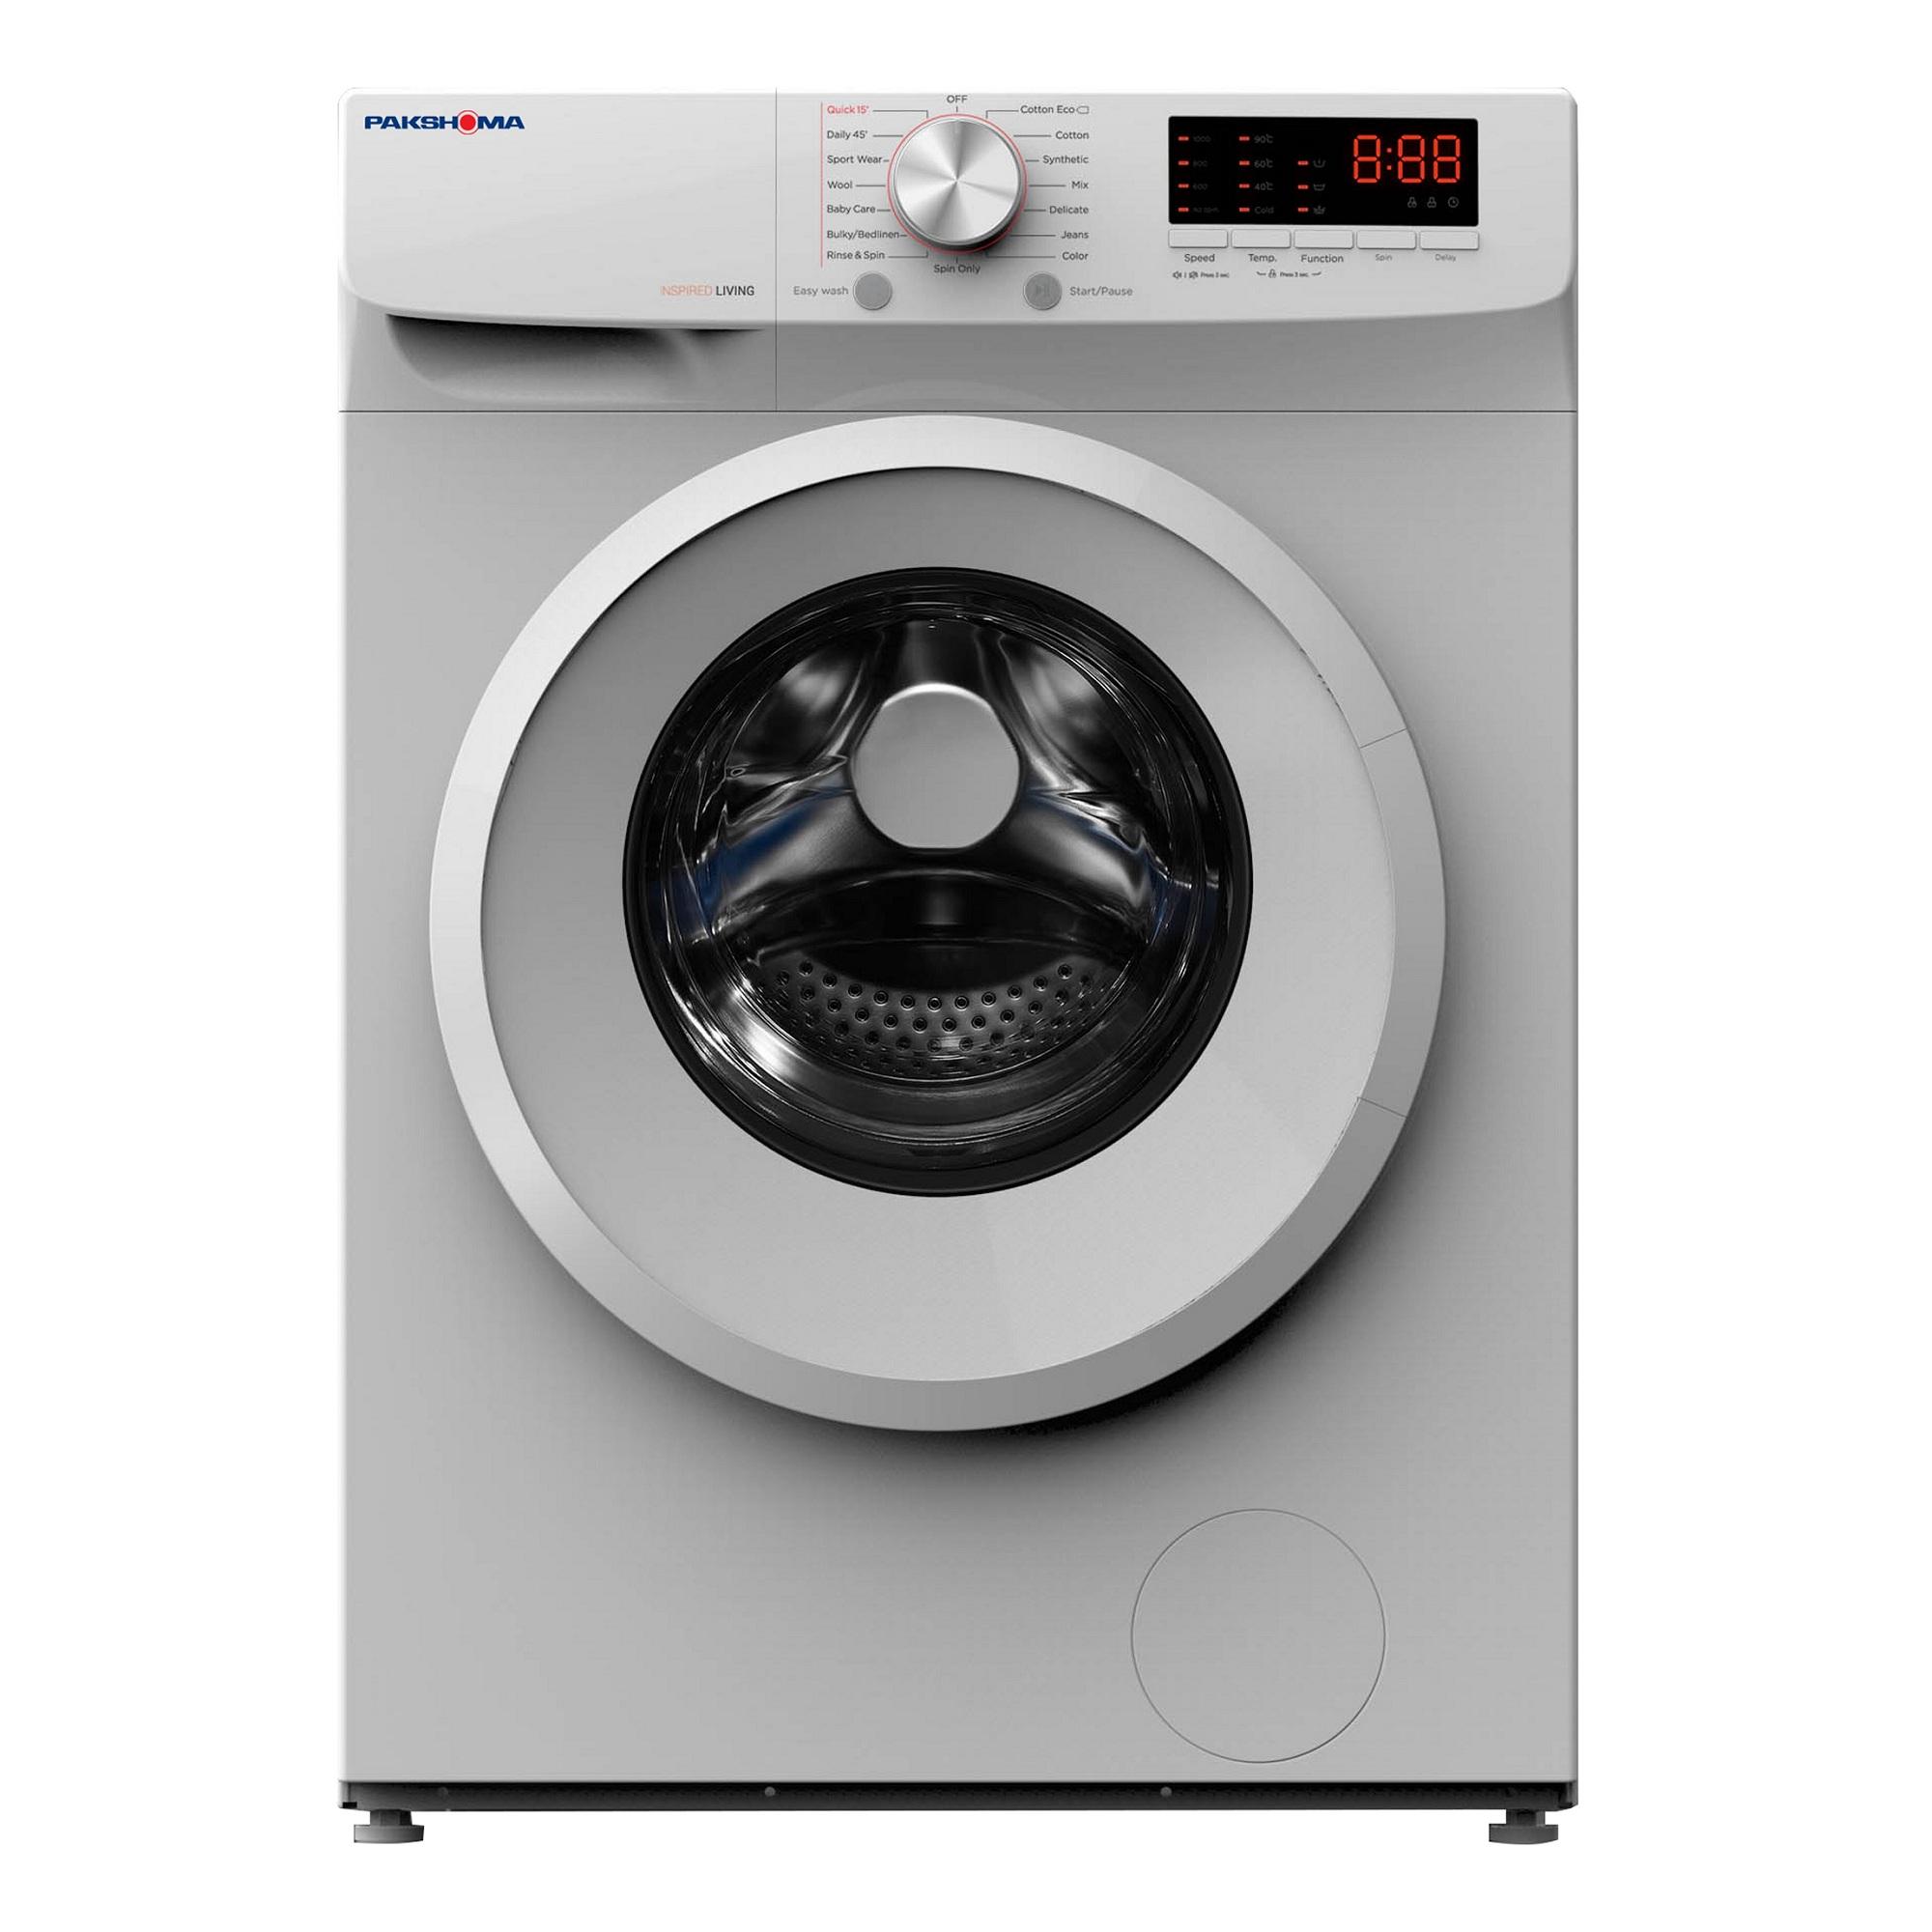 فروش نقدی و اقساطی ماشین لباسشویی پاکشوما مدل TFU-73200 ظرفیت 7 کیلوگرم